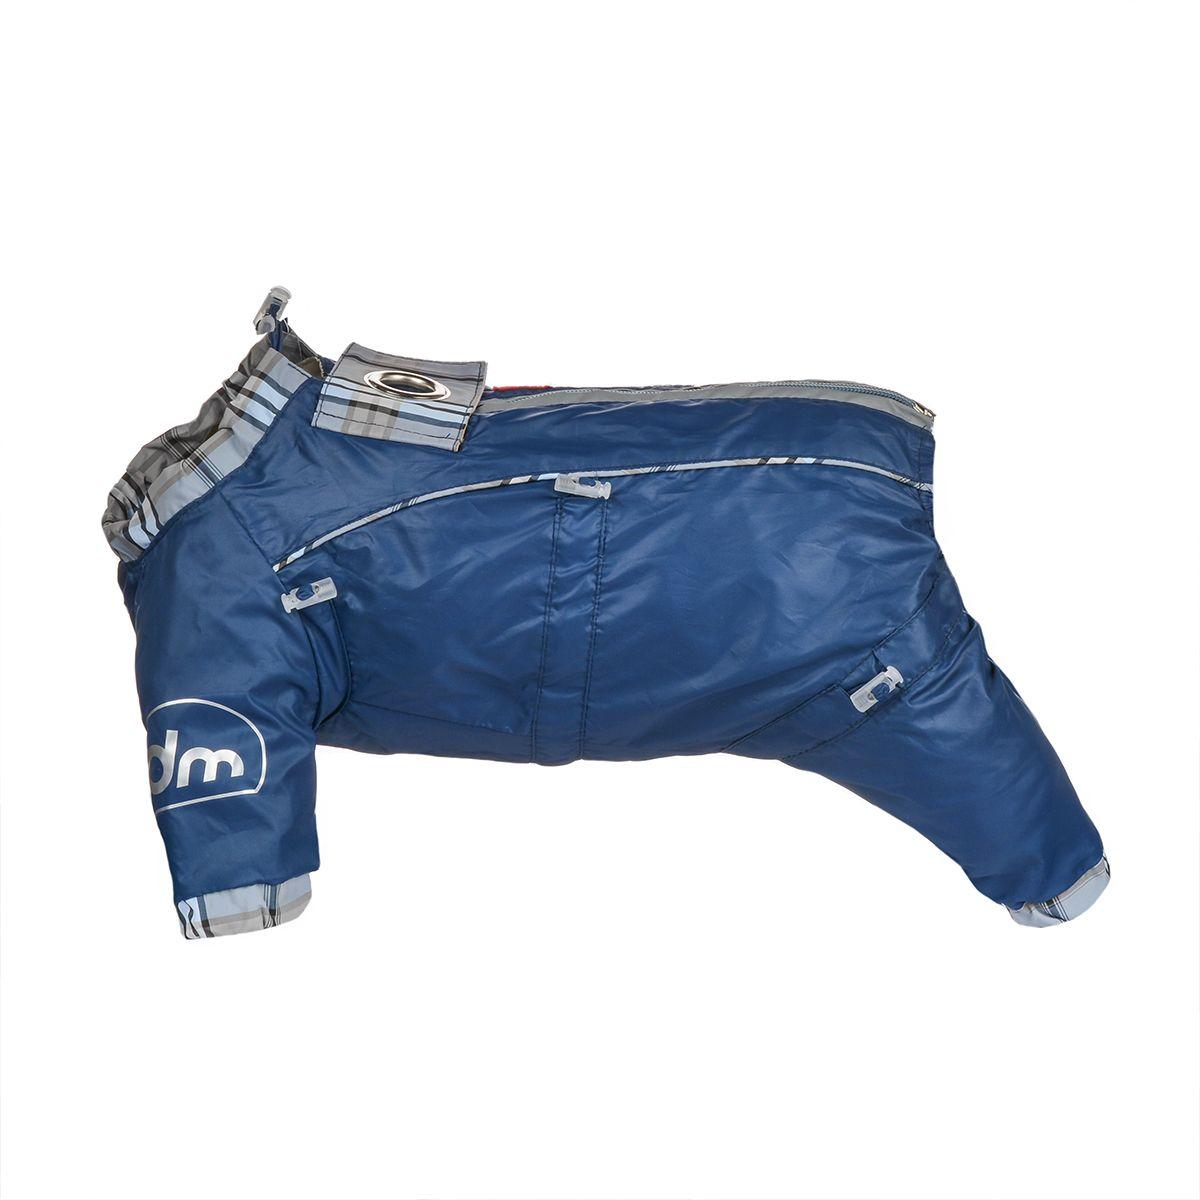 Комбинезон для собак Dogmoda Doggs, для мальчика, цвет: темно-синий. Размер MDM-140516Комбинезон для собак Dogmoda Doggs отлично подойдет для прогулок в ветреную погоду.Комбинезон изготовлен из полиэстера, защищающего от ветра и осадков, с подкладкой из вискозы, которая обеспечит отличный воздухообмен. Комбинезон застегивается на молнию и липучку, благодаря чему его легко надевать и снимать. Молния снабжена светоотражающими элементами. Низ рукавов и брючин оснащен внутренними резинками, которые мягко обхватывают лапки, не позволяя просачиваться холодному воздуху. На вороте, пояснице и лапках комбинезон затягивается на шнурок-кулиску с затяжкой. Модель снабжена непромокаемым карманом для размещения записки с информацией о вашем питомце, на случай если он потеряется.Благодаря такому комбинезону простуда не грозит вашему питомцу и он не даст любимцу продрогнуть на прогулке.